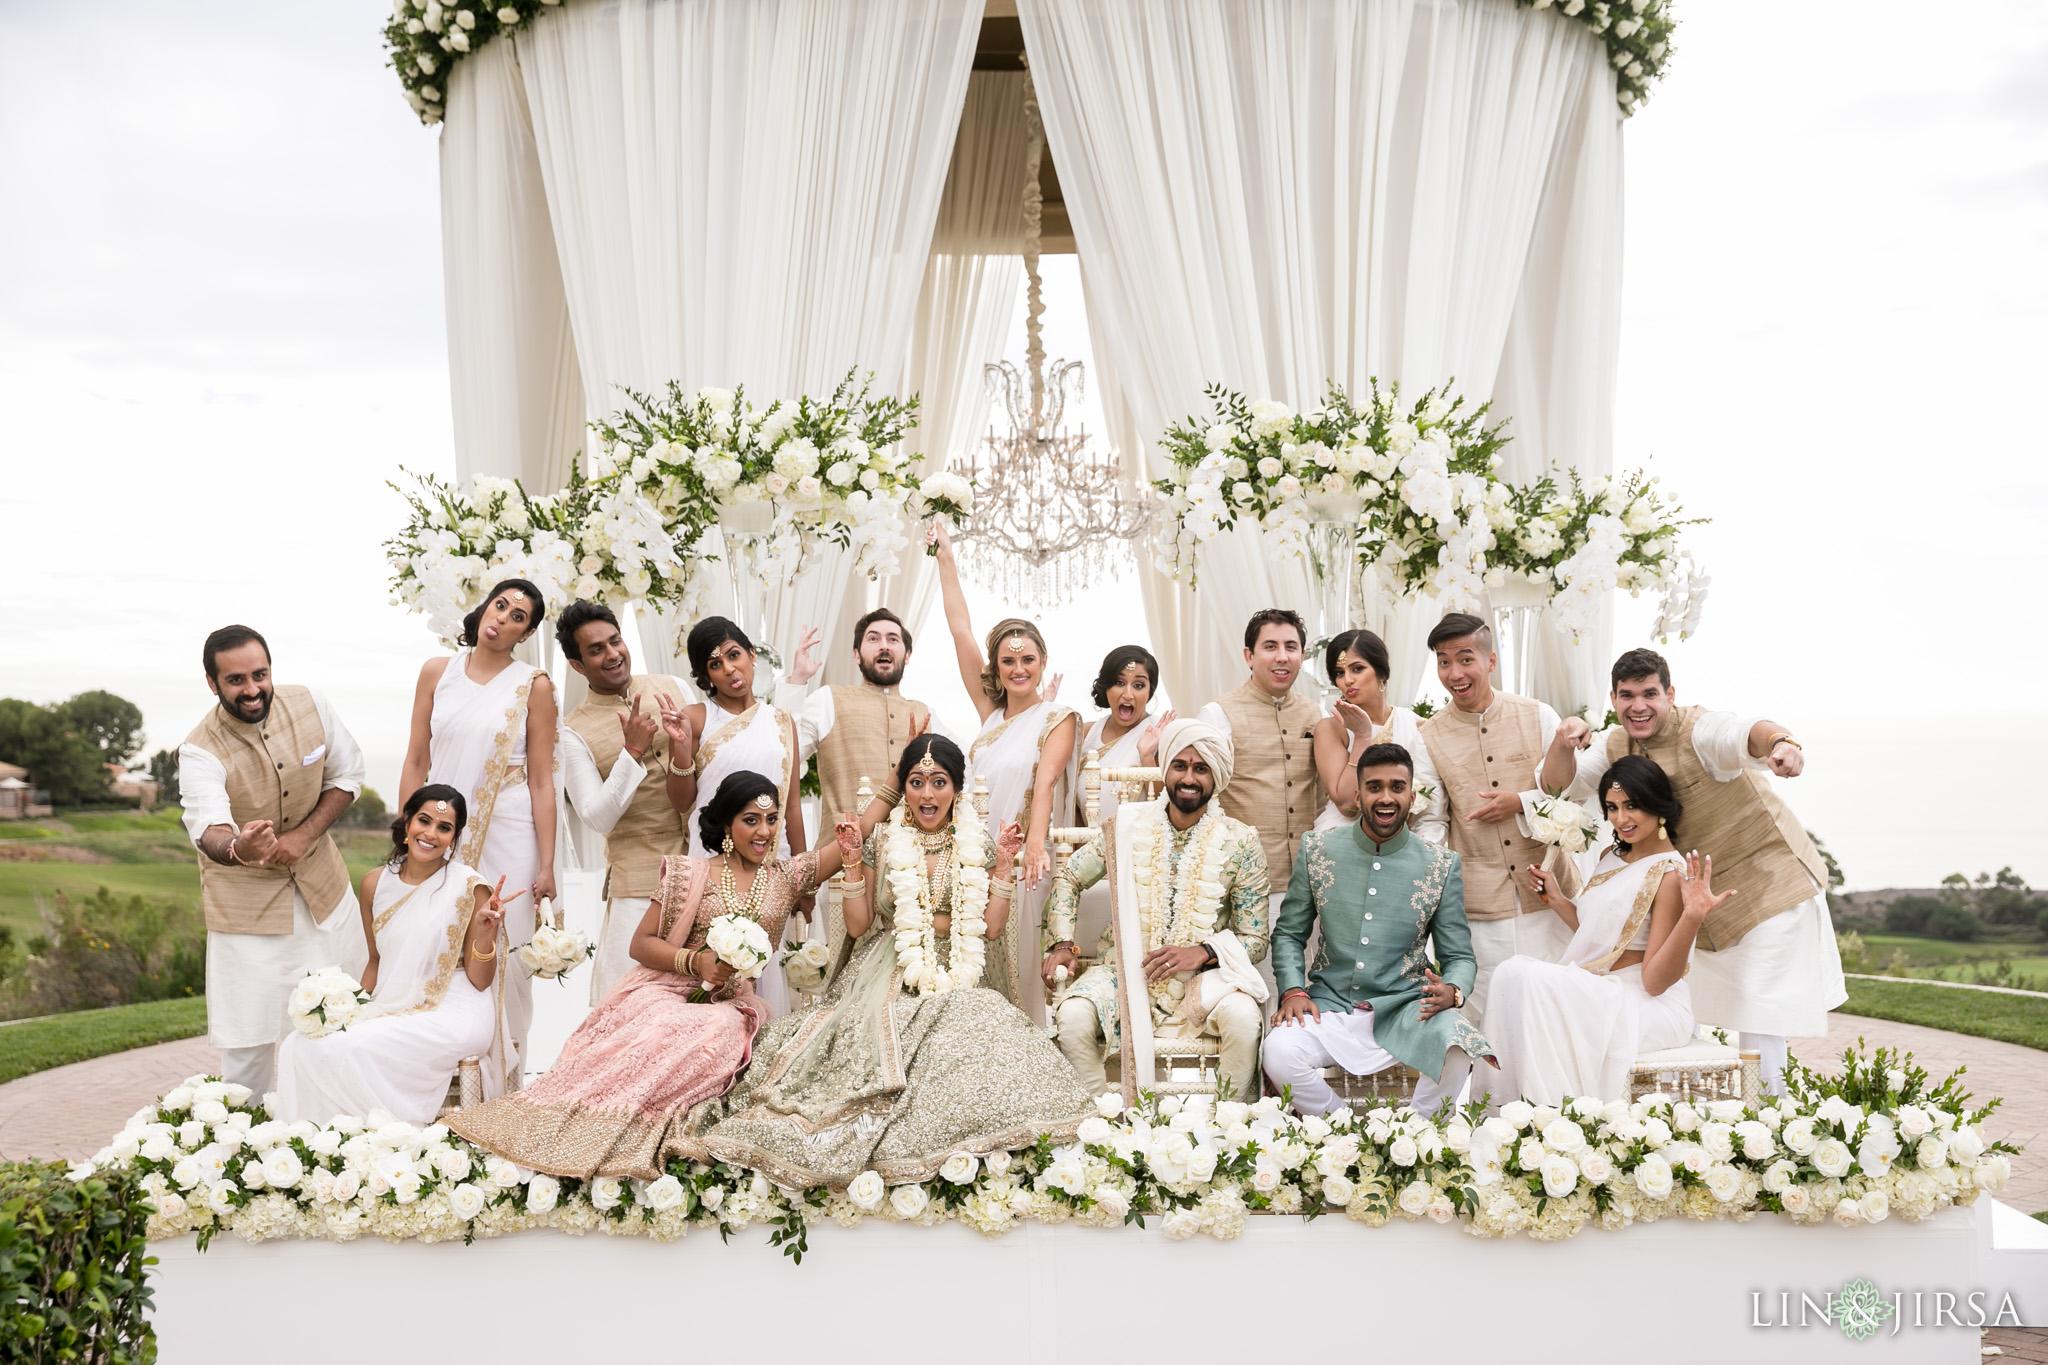 23-pelican-hill-resort-indian-wedding-photographer